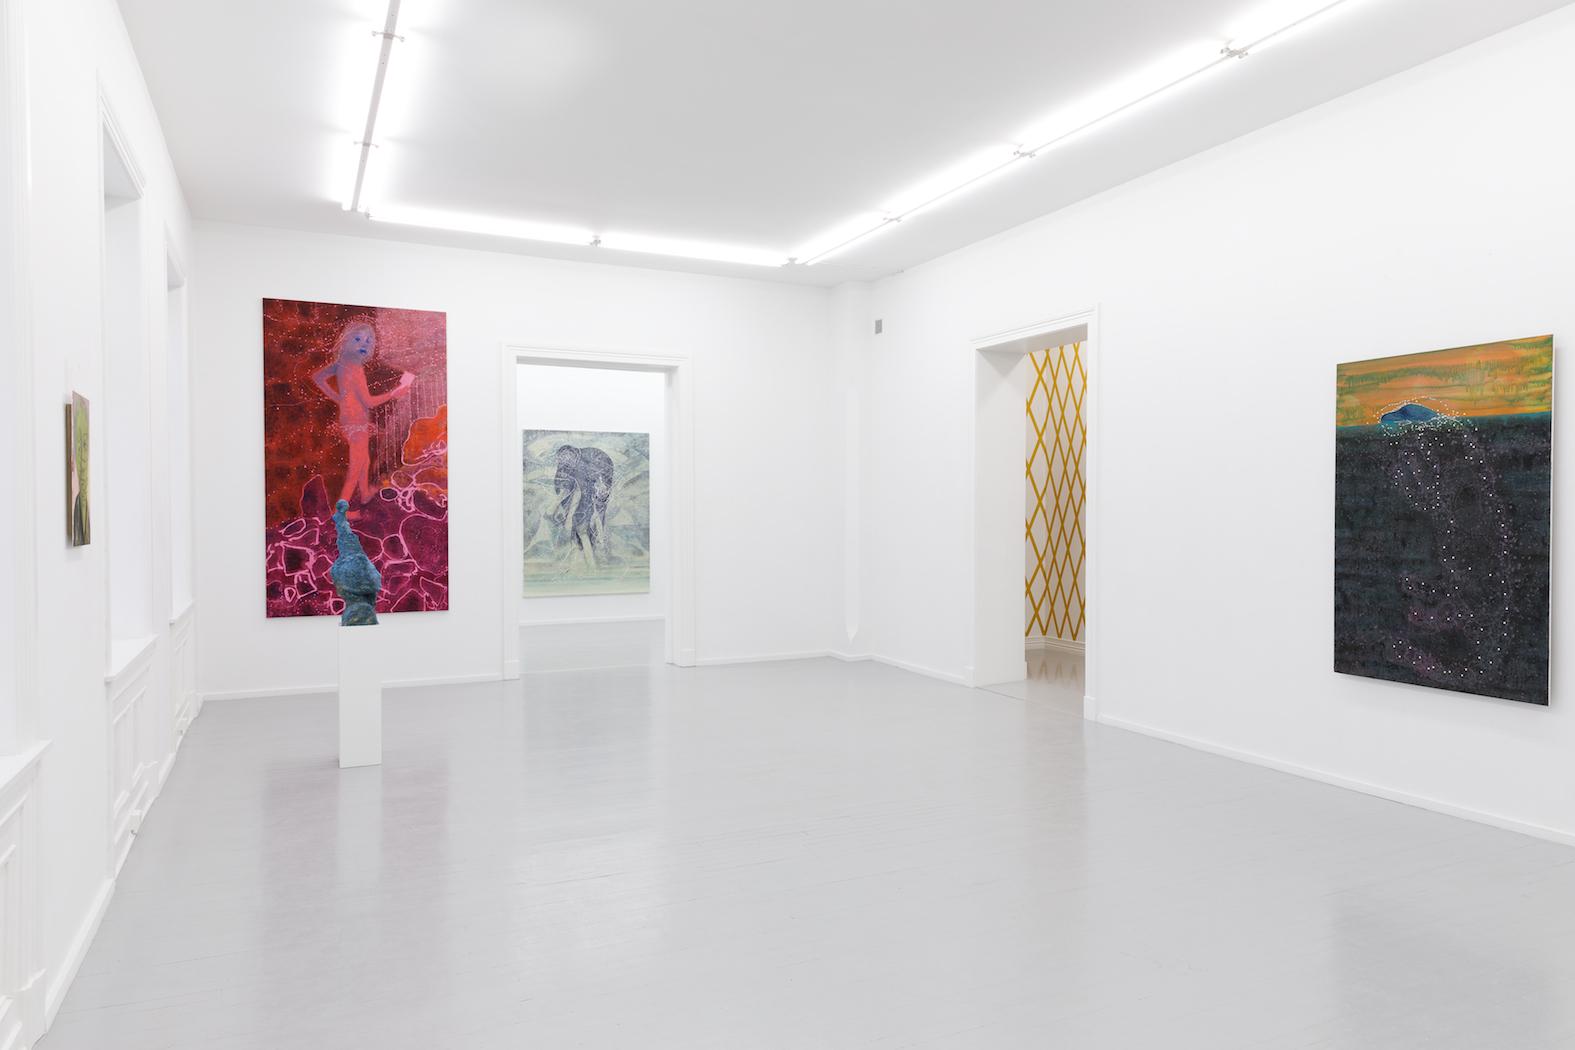 Installation view, Nærnere Enn Hva Du Vet, Galleri Riis, Oslo, 2018